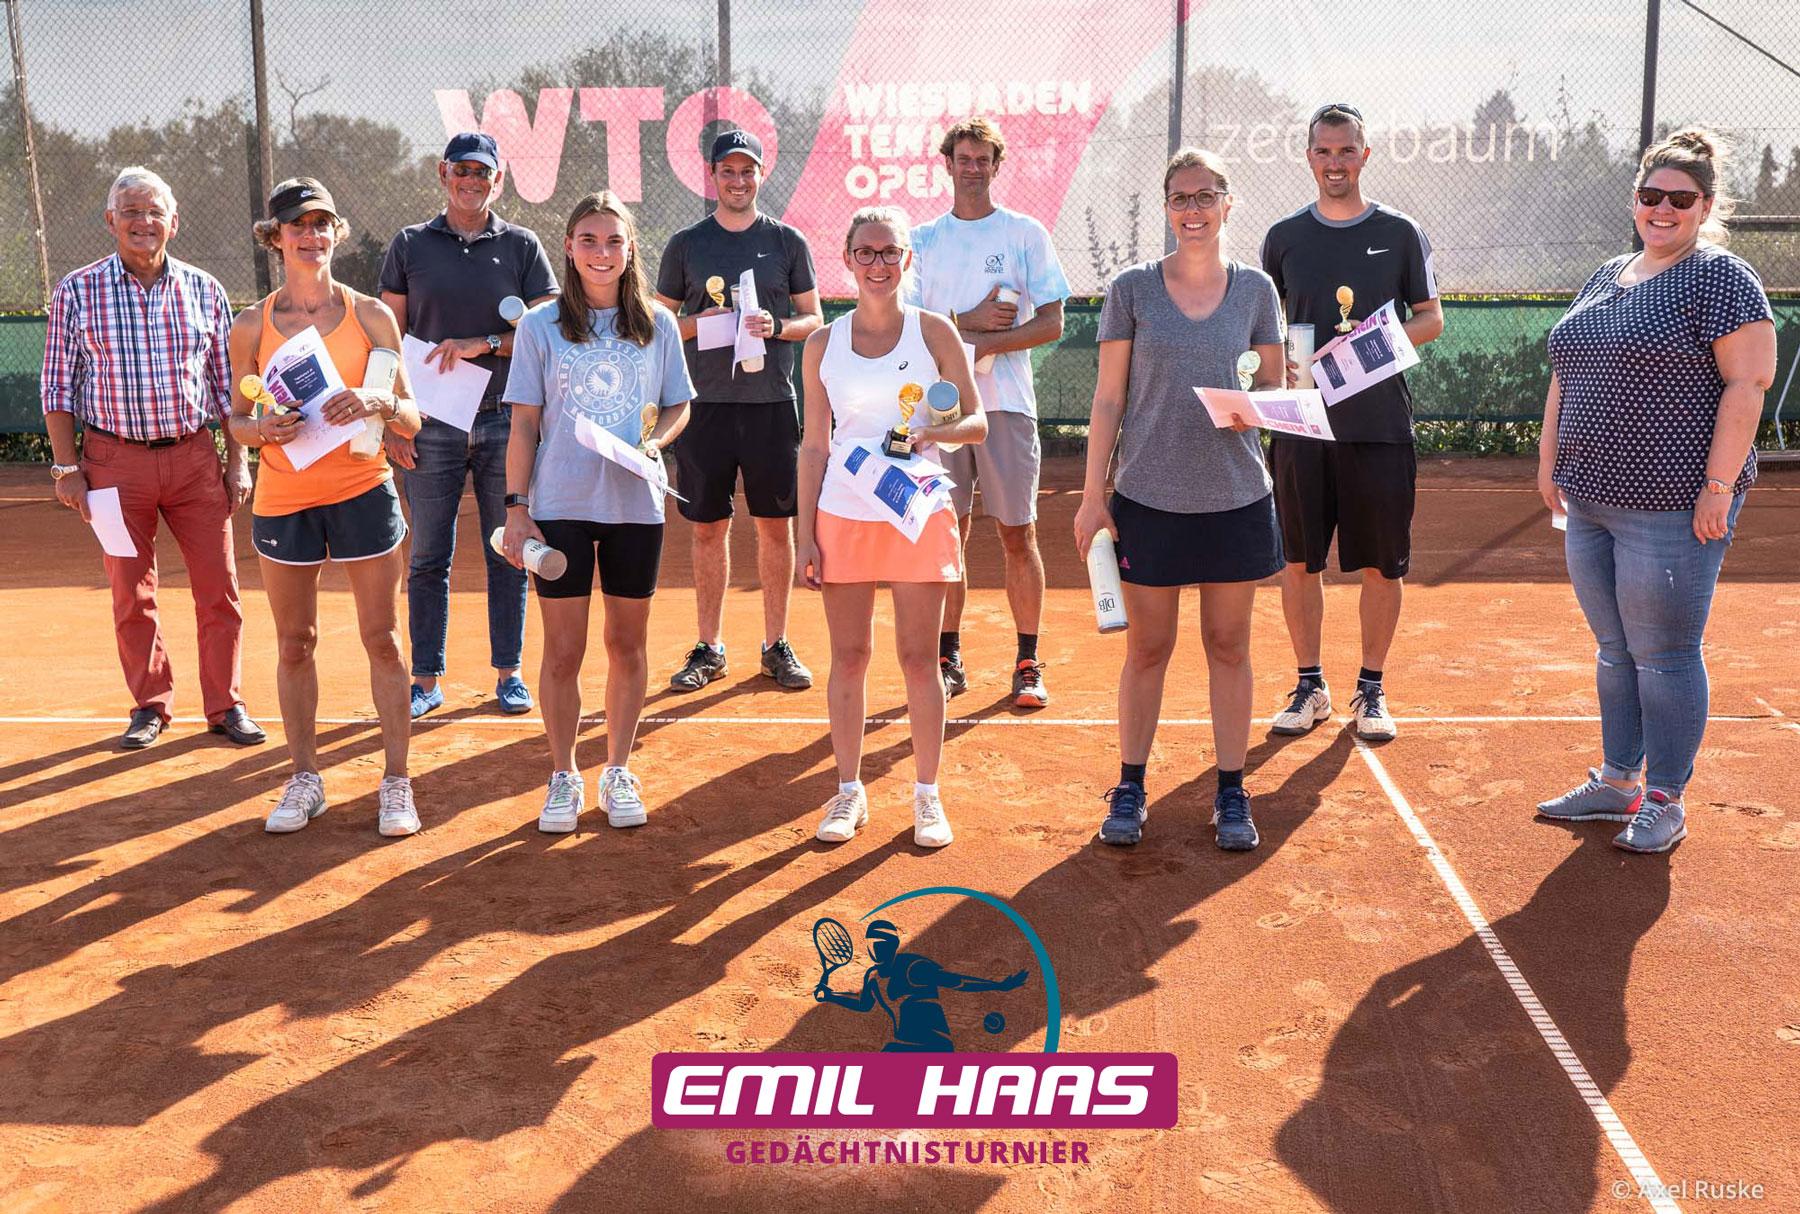 emil-haas-sieger-2020